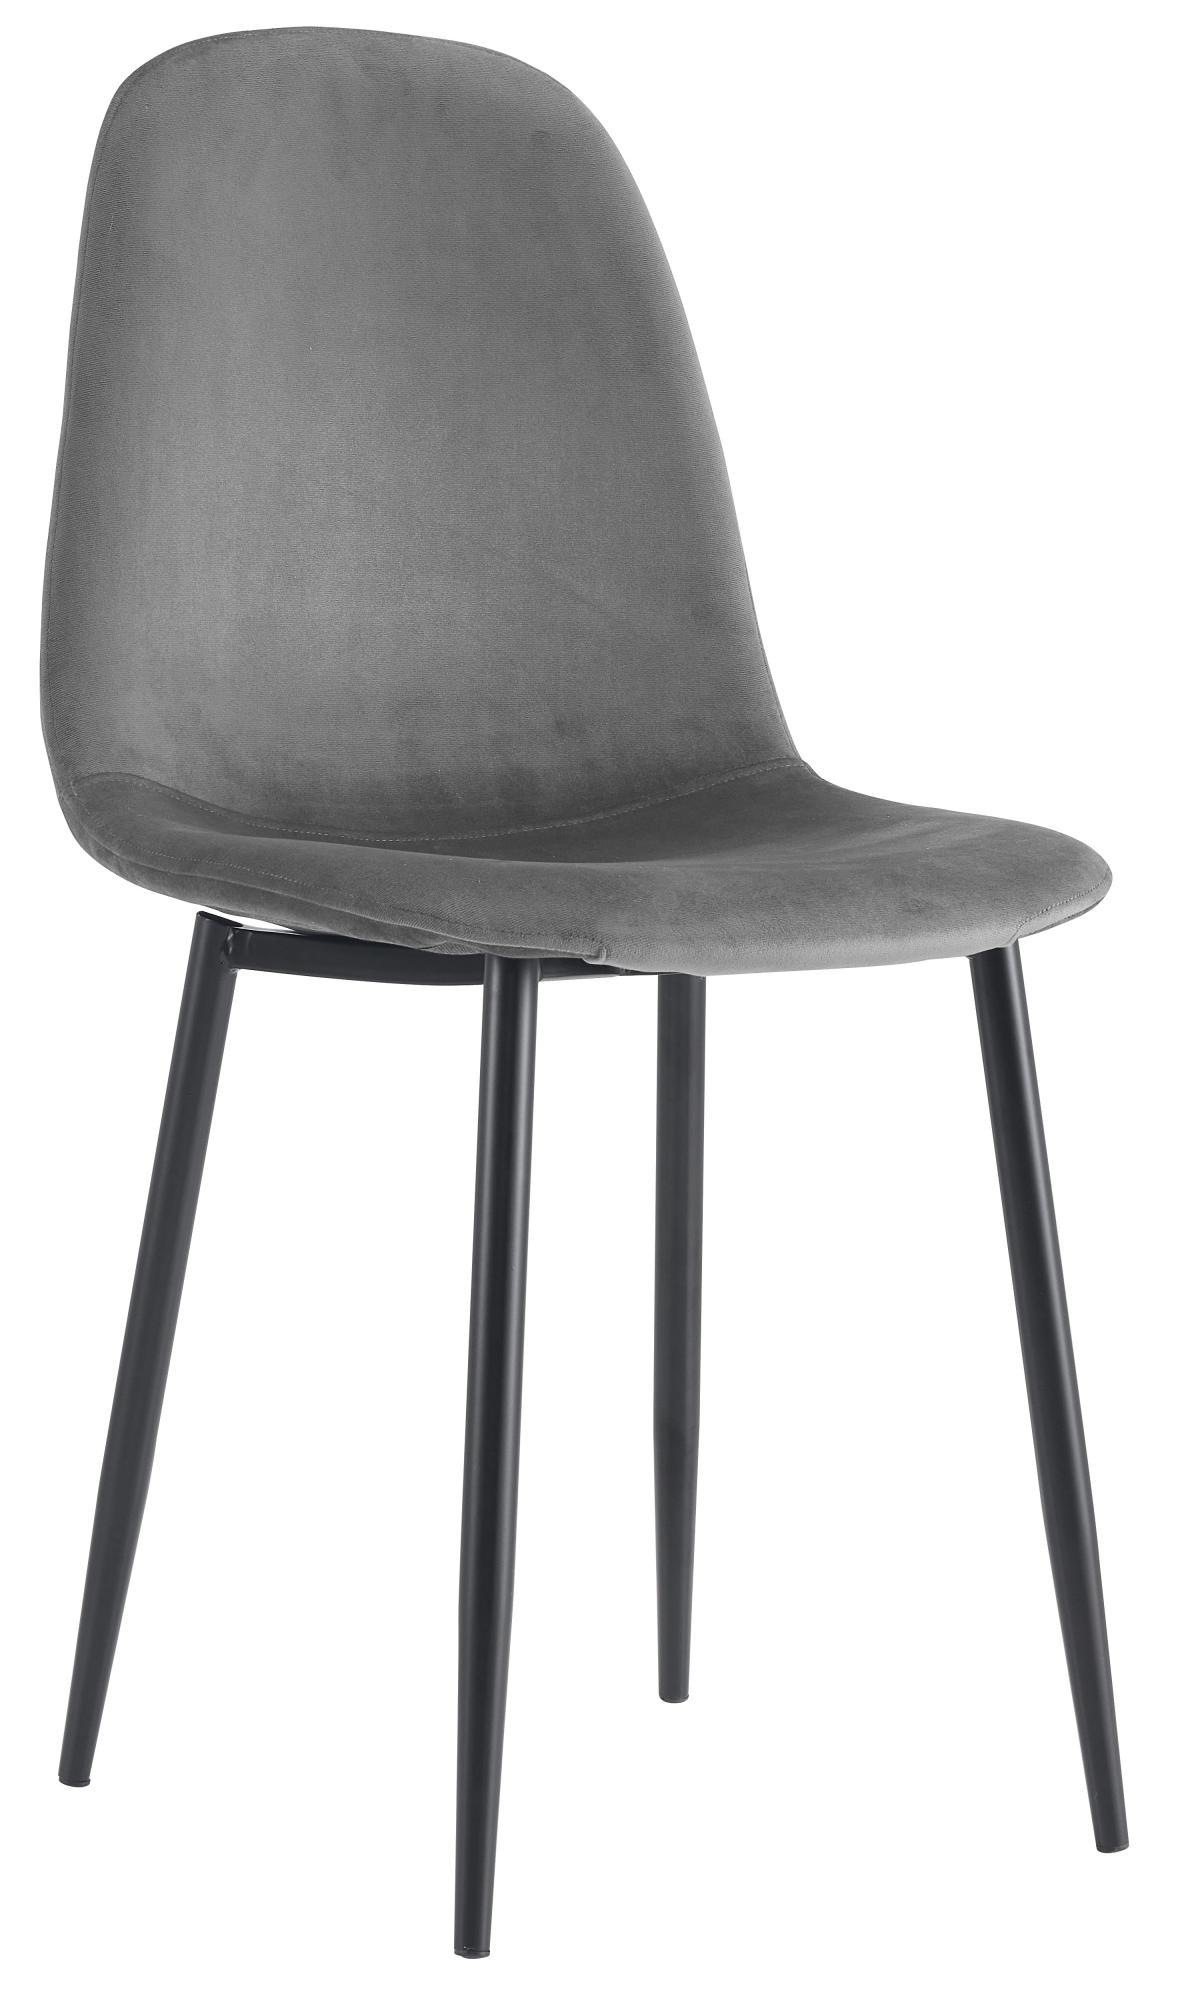 כסא לפינת אוכל דגם SOLNA בד קטיפתי אפור